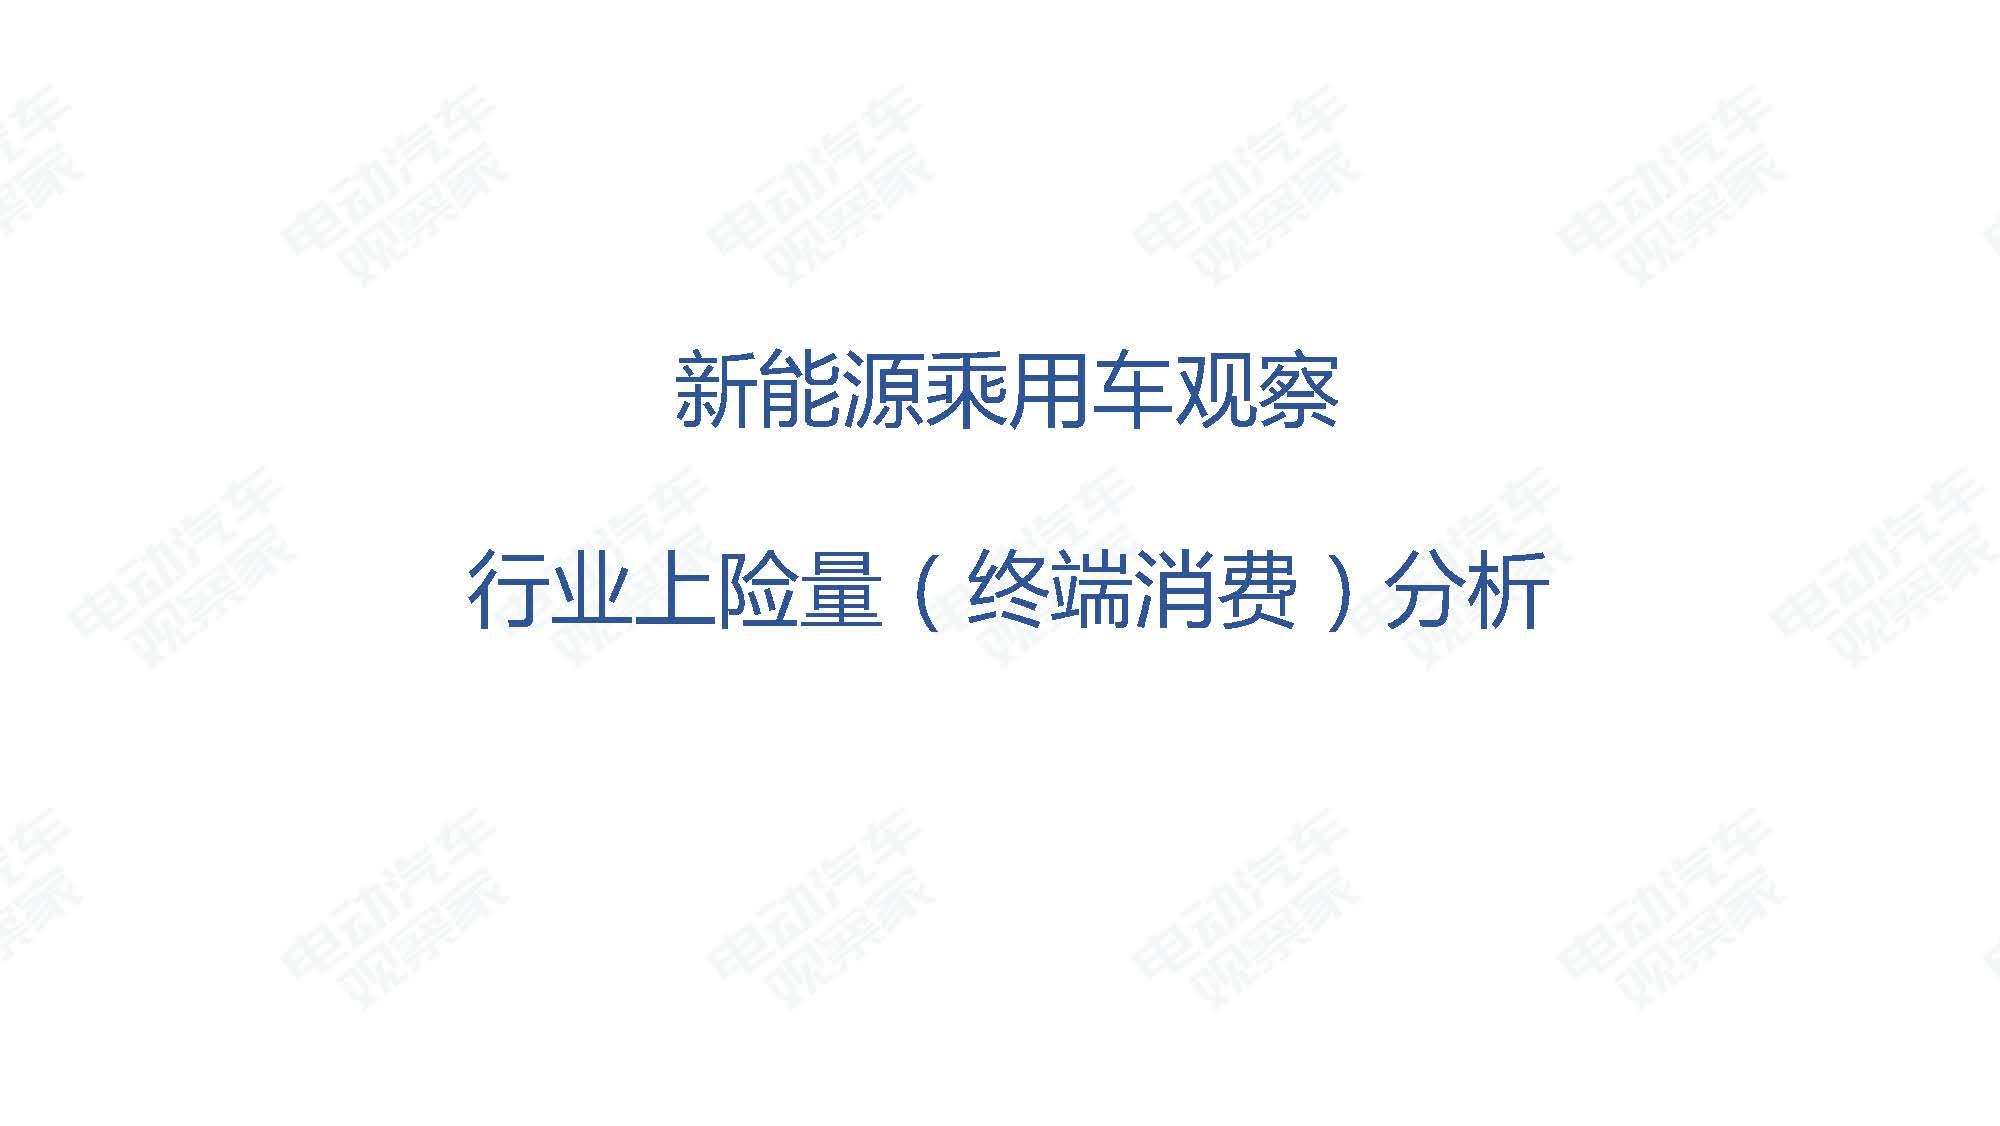 2019年11月中国新能源汽车产业观察_页面_045